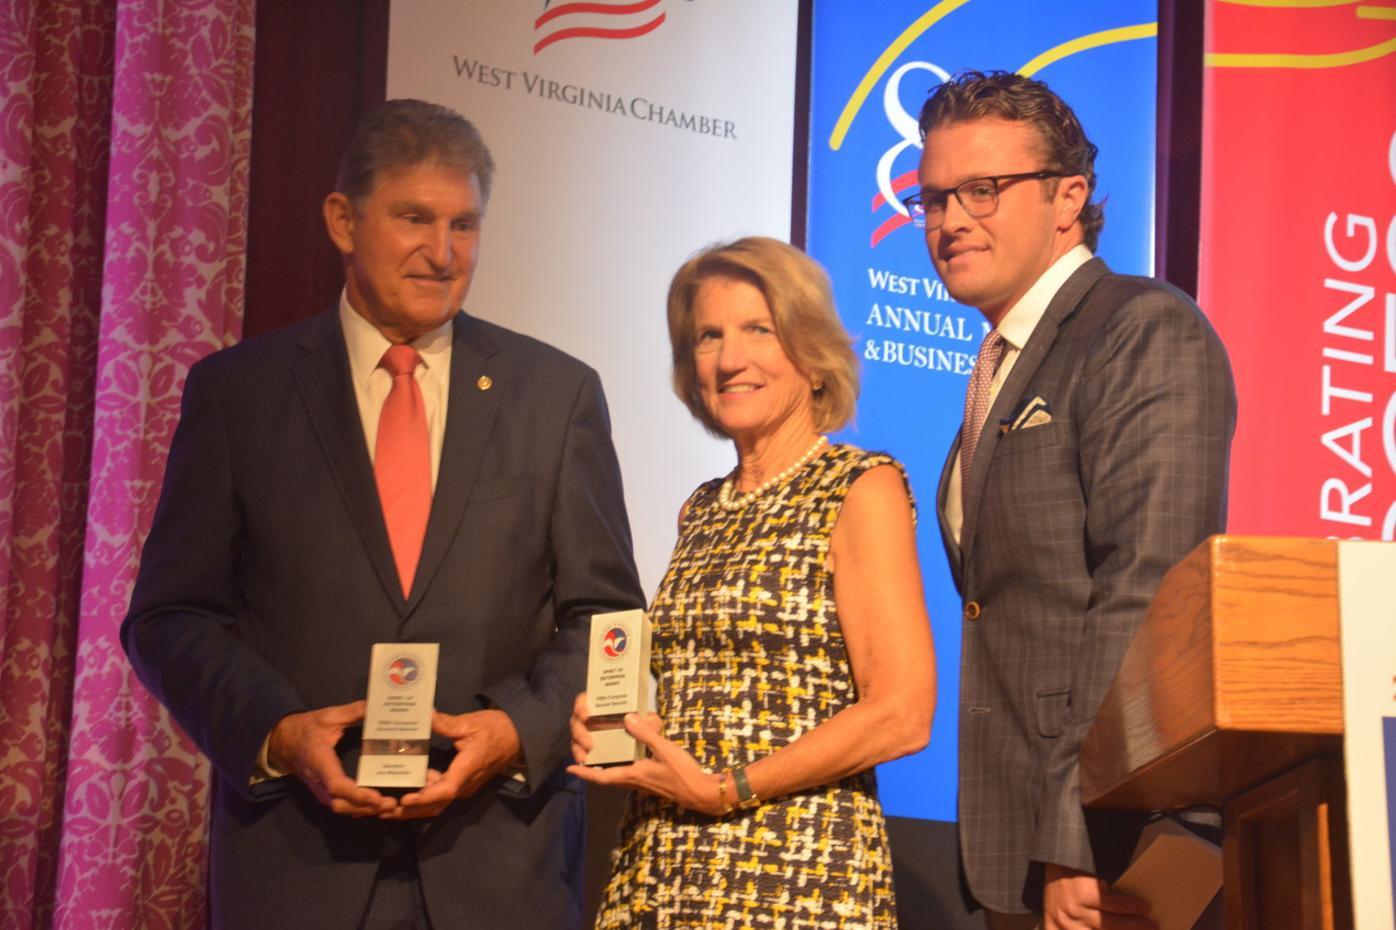 Free Spirit of Enterprise Award